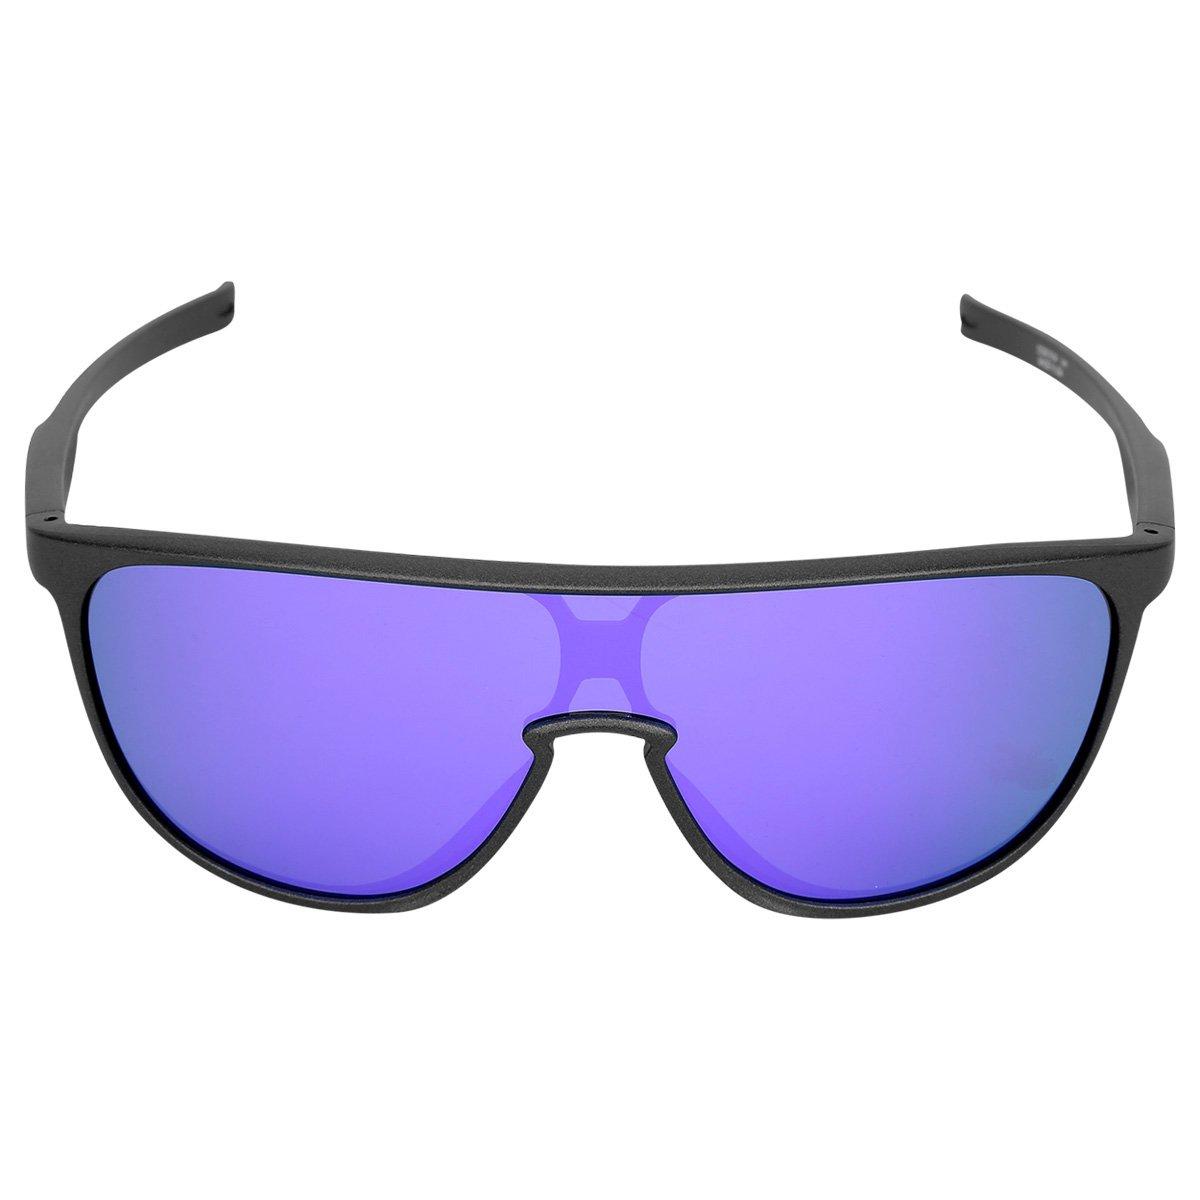 eec066b3bc3e2 Óculos de Sol Oakley Trillbe Masculino - Compre Agora   Zattini